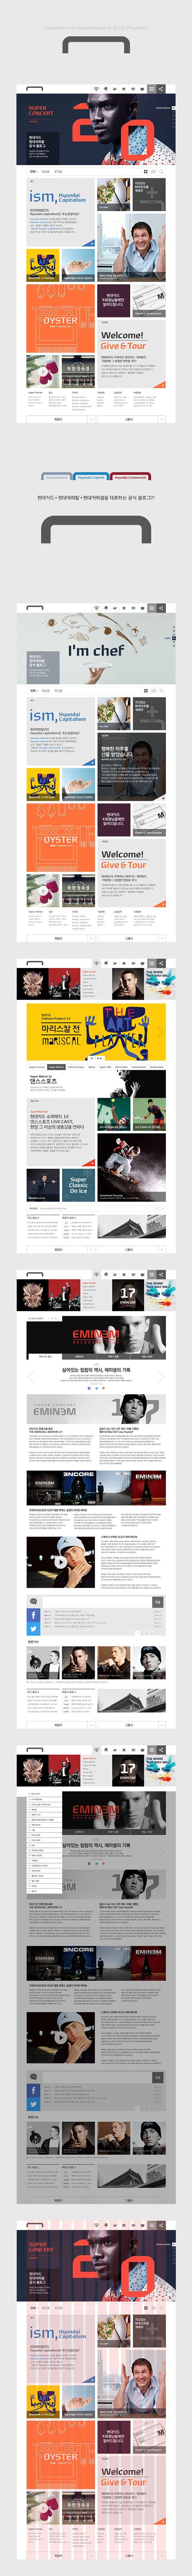 2013 Hyundai card capital Blog on Behance